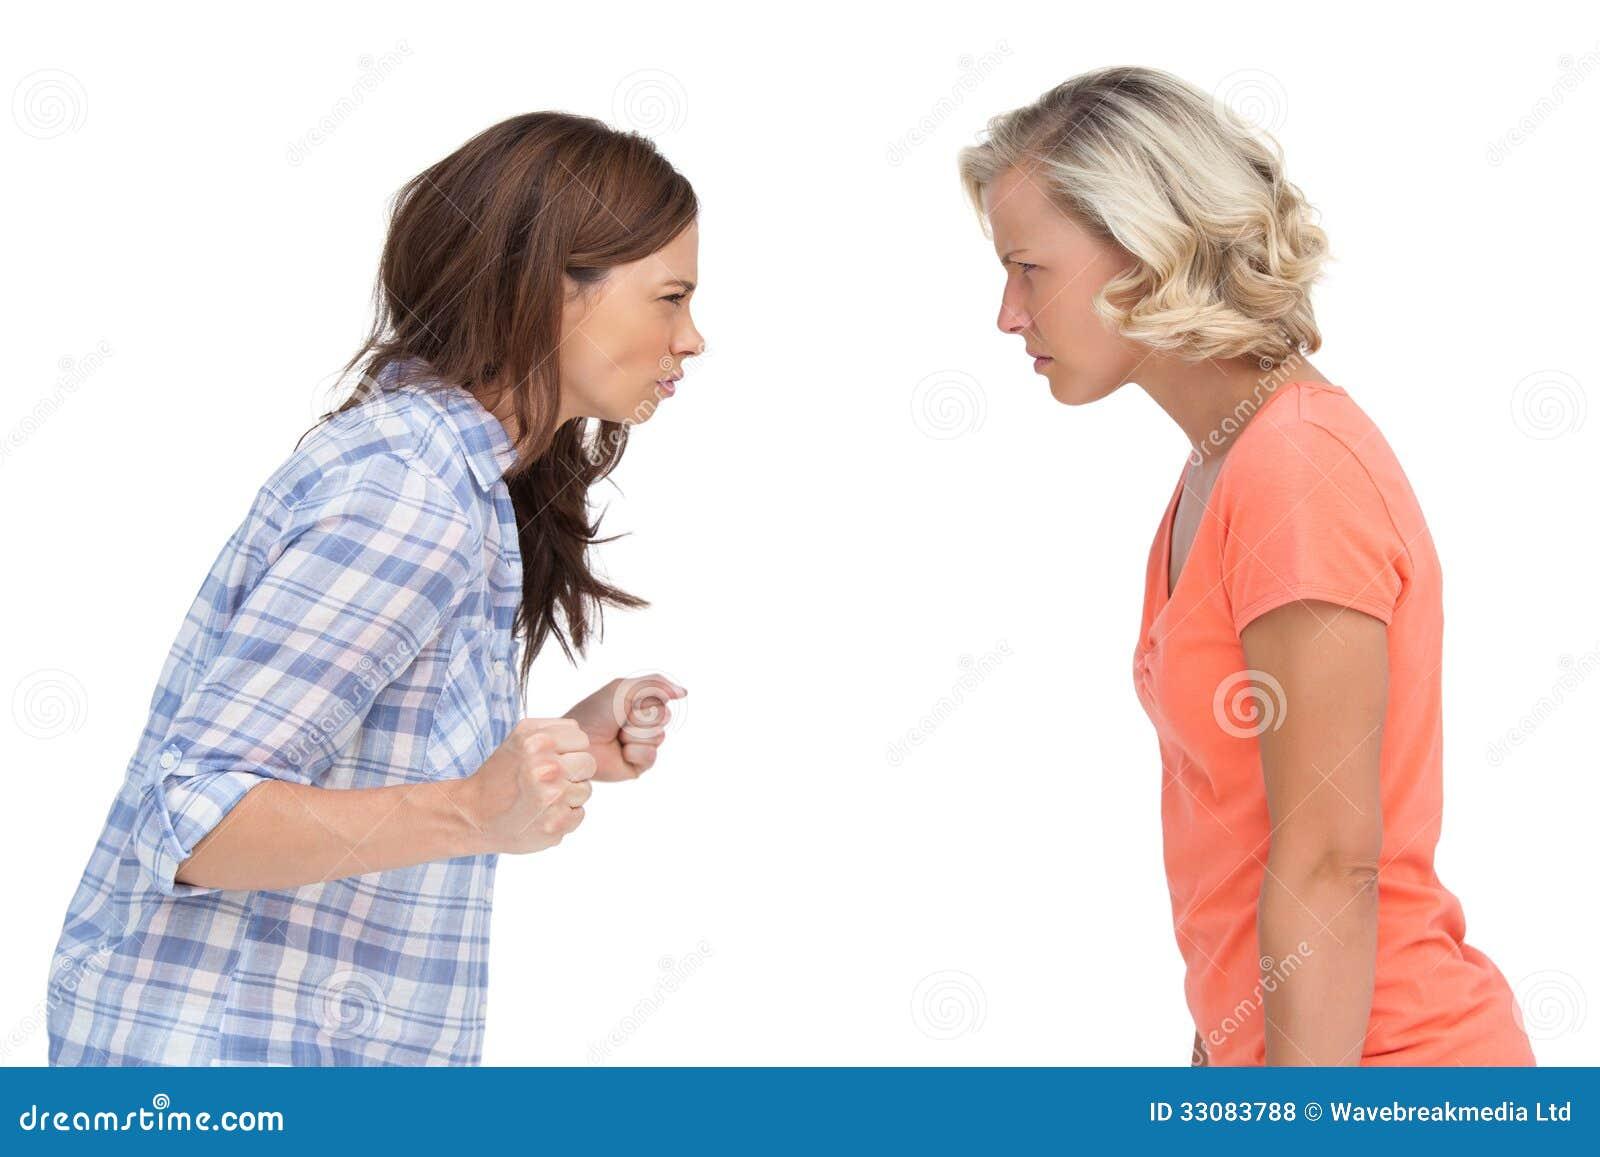 Фото две женщины